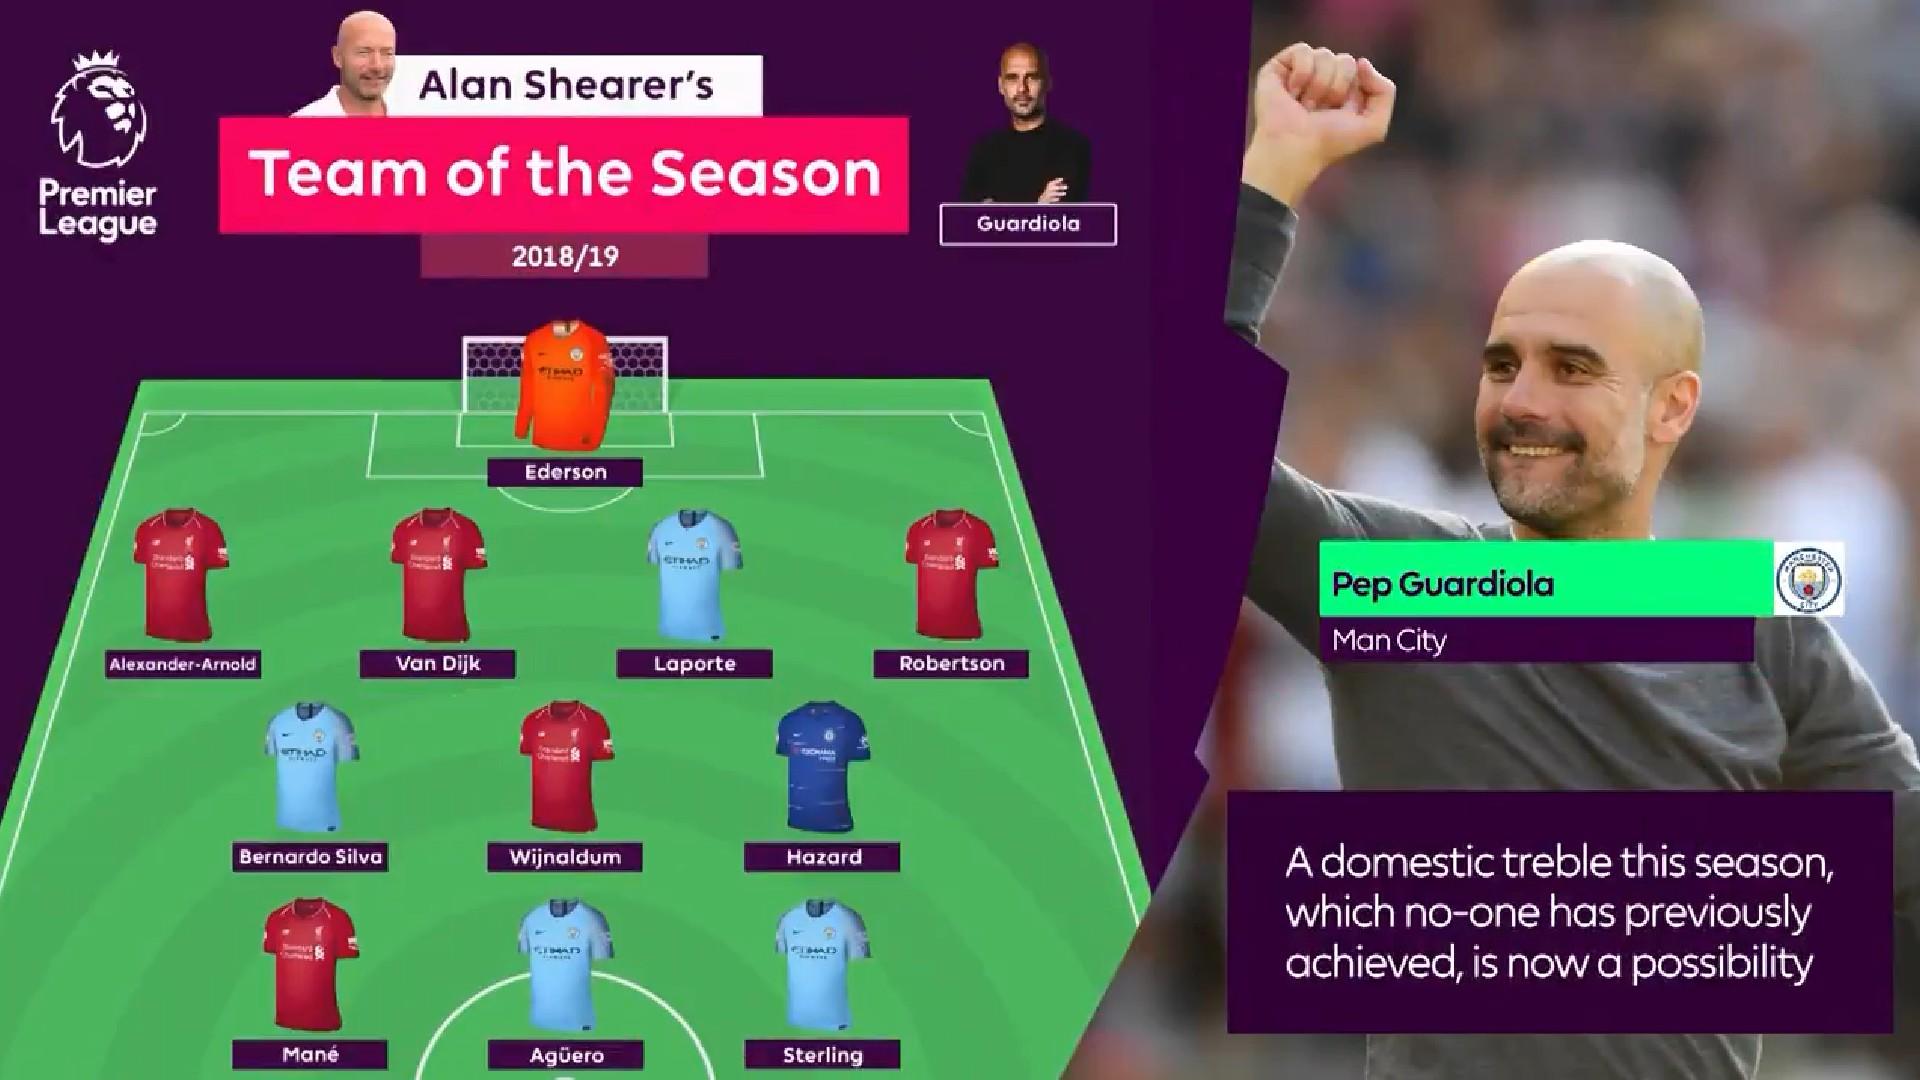 希勒评英超赛季最佳阵:曼城、利物浦各5将,阿扎尔入选